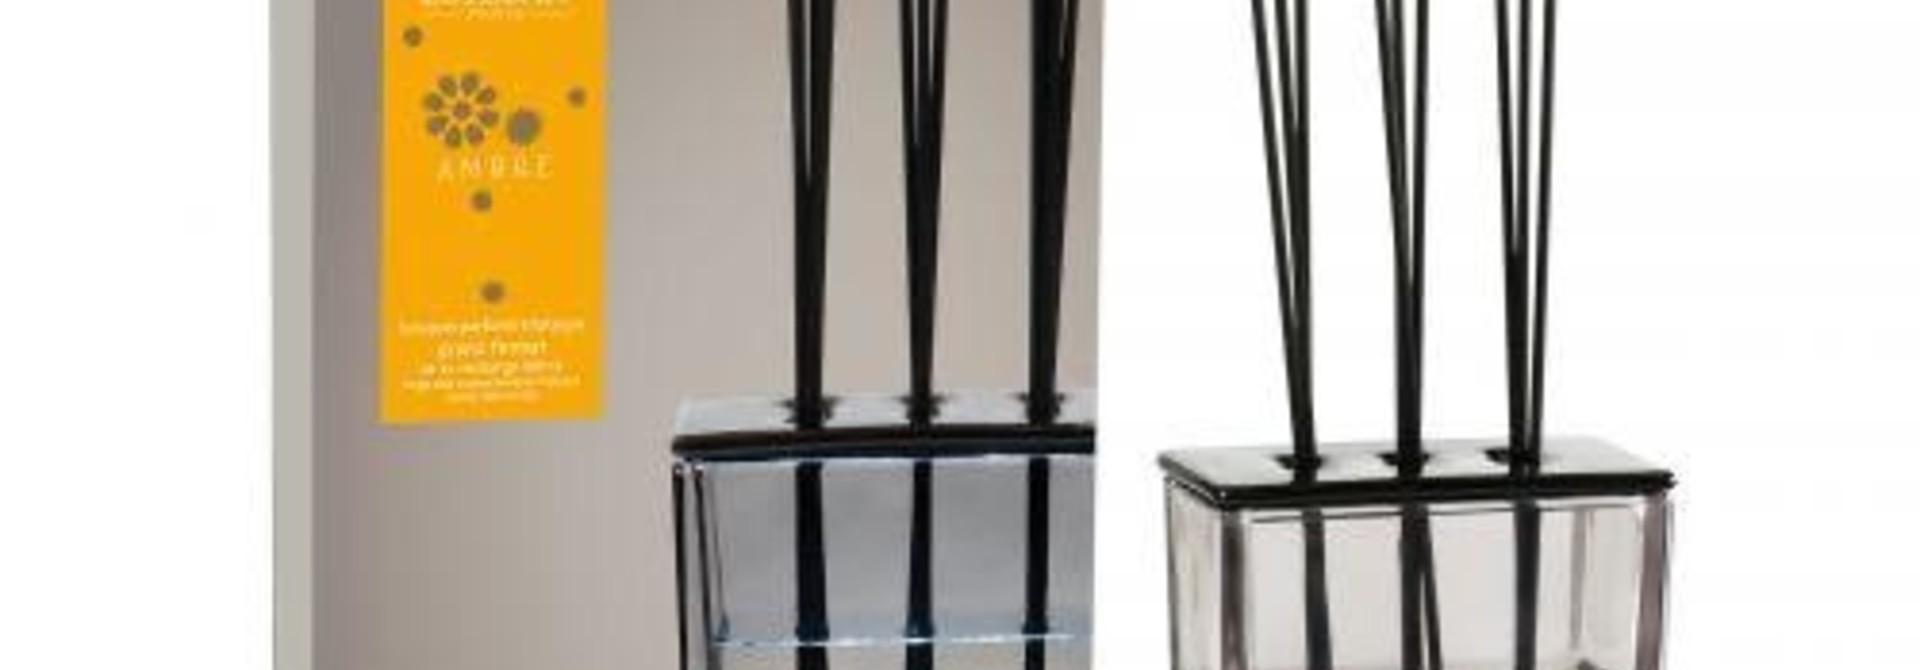 ESTEBAN - Diffuser Triptych Amber 500ml